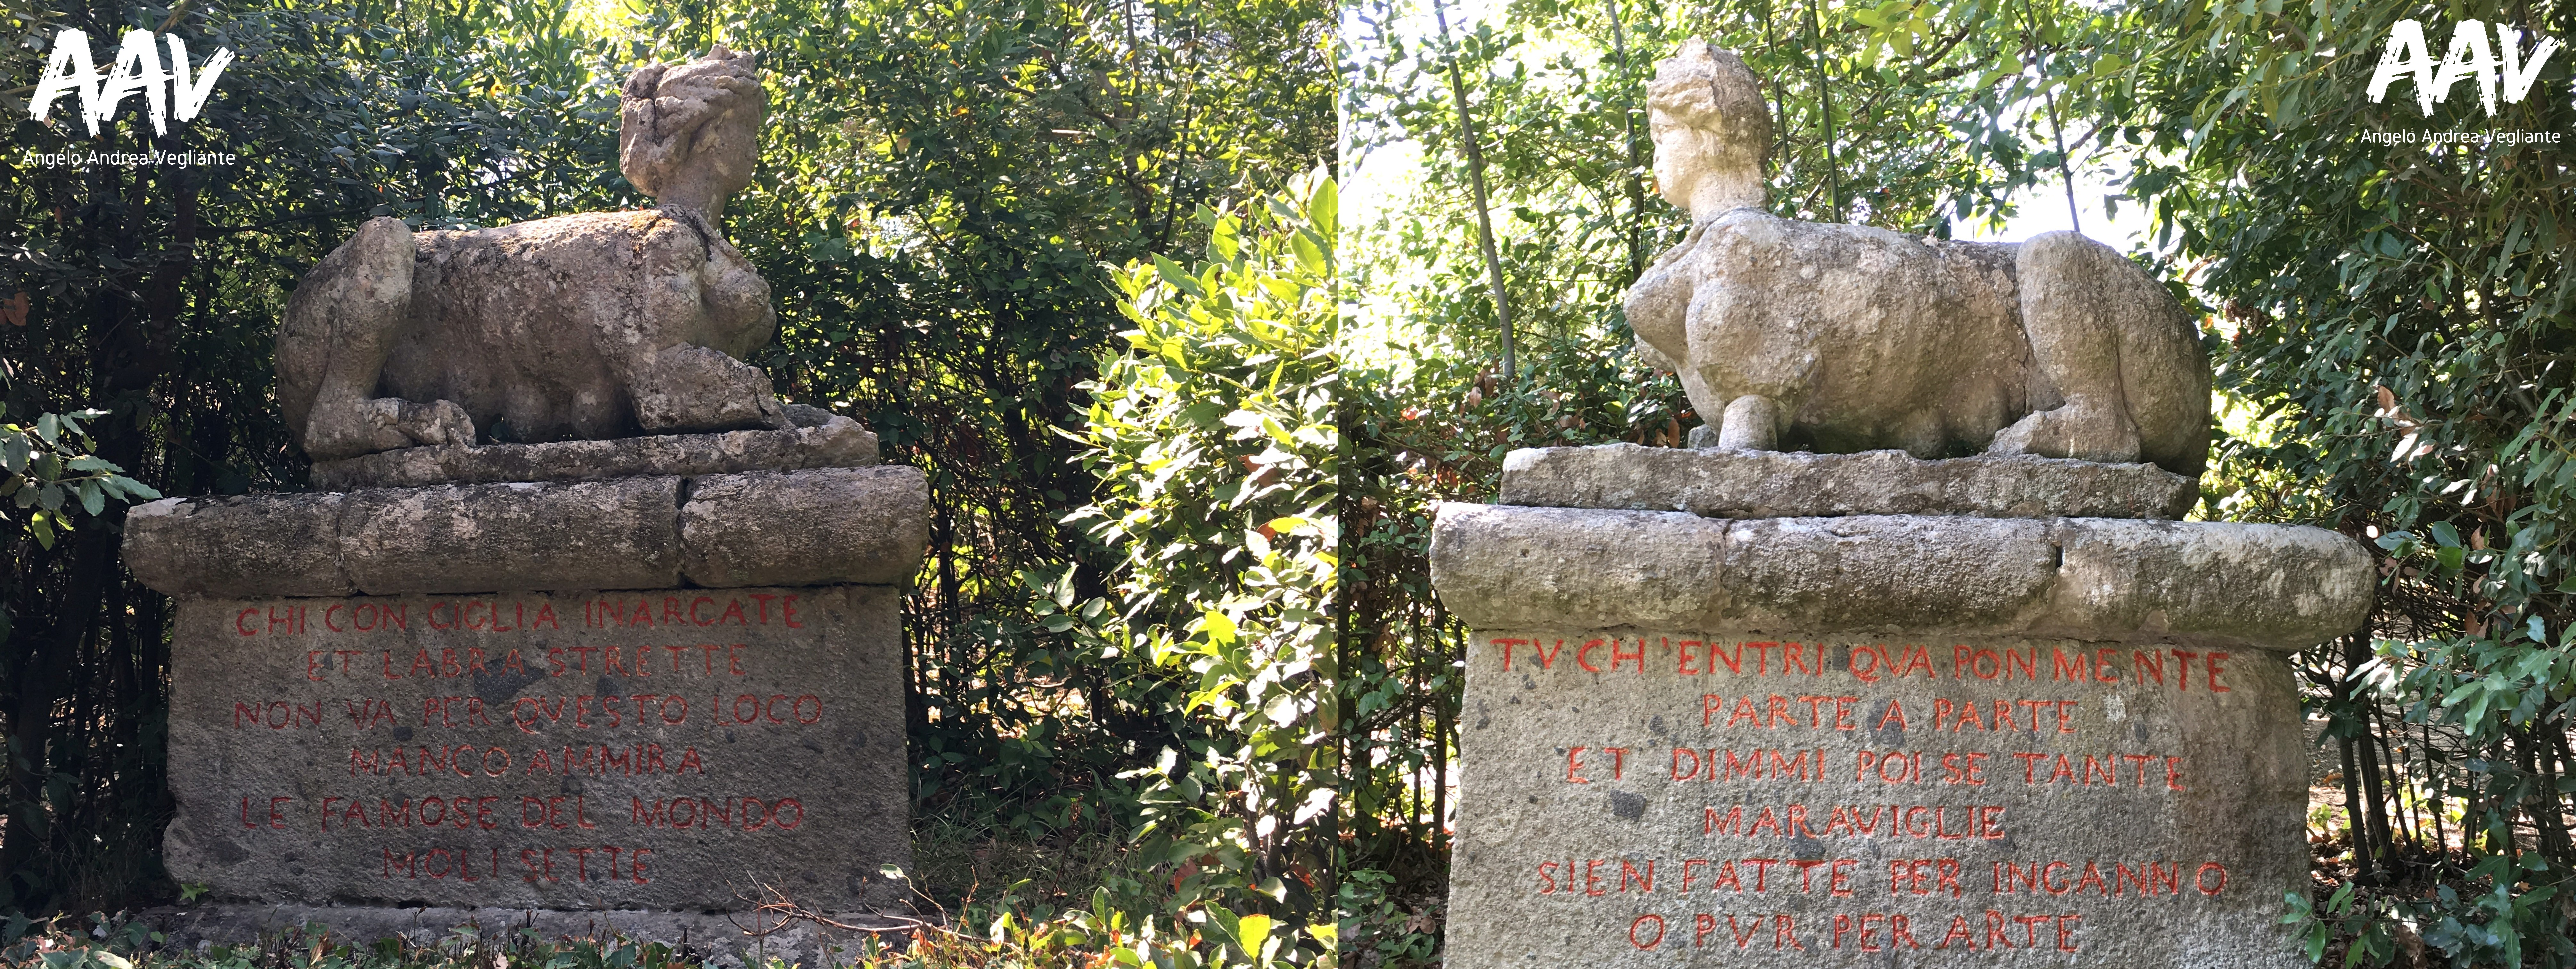 sfingi-parco dei mostri-bomarzo-viterbo-angelo andrea vegliante-colui che veglia-viaggia